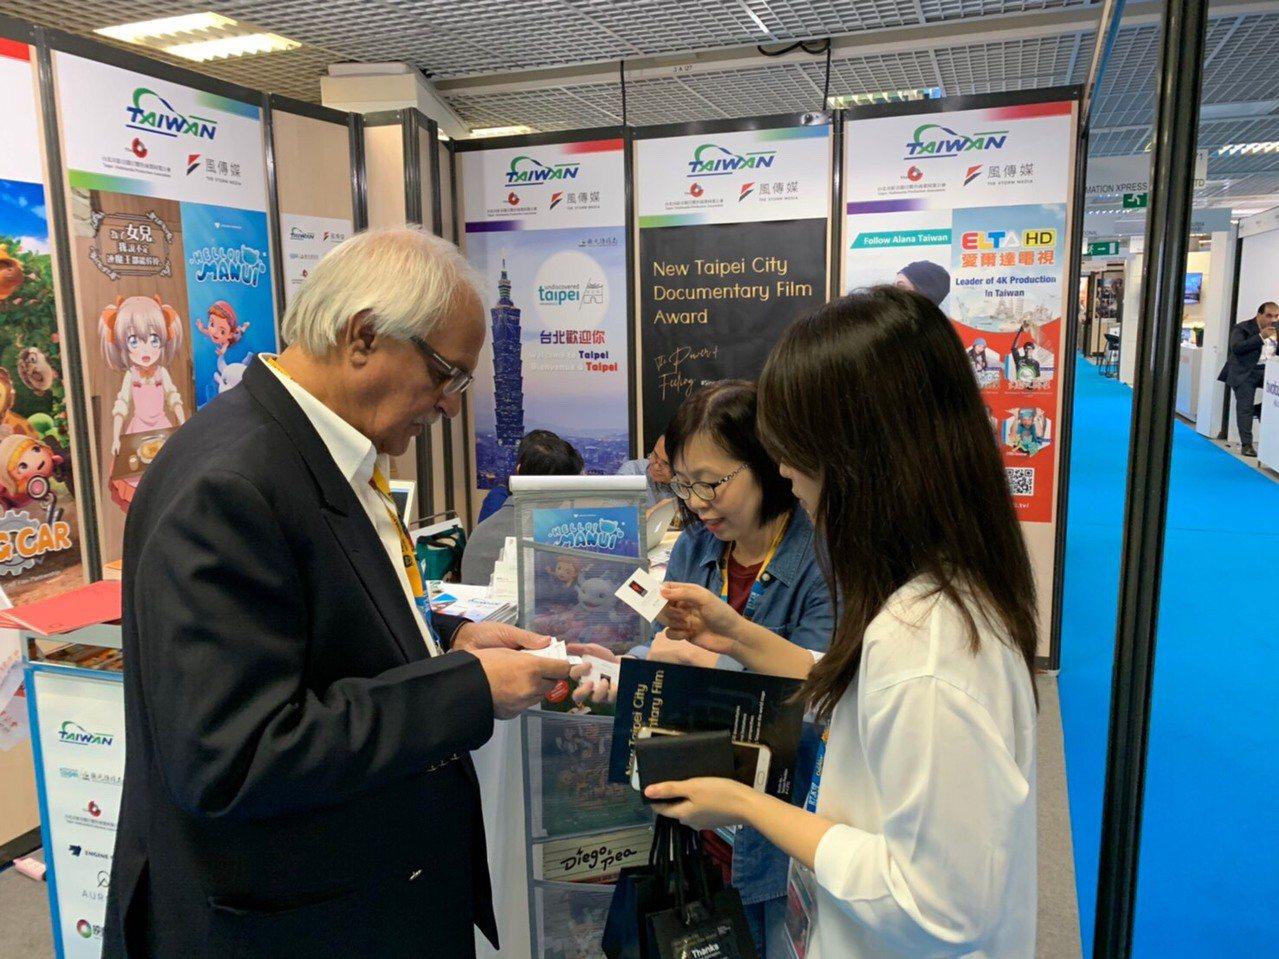 印度 VSION PRODUCTIONS 代表至台灣館表示對紀錄片的合作興趣。圖...